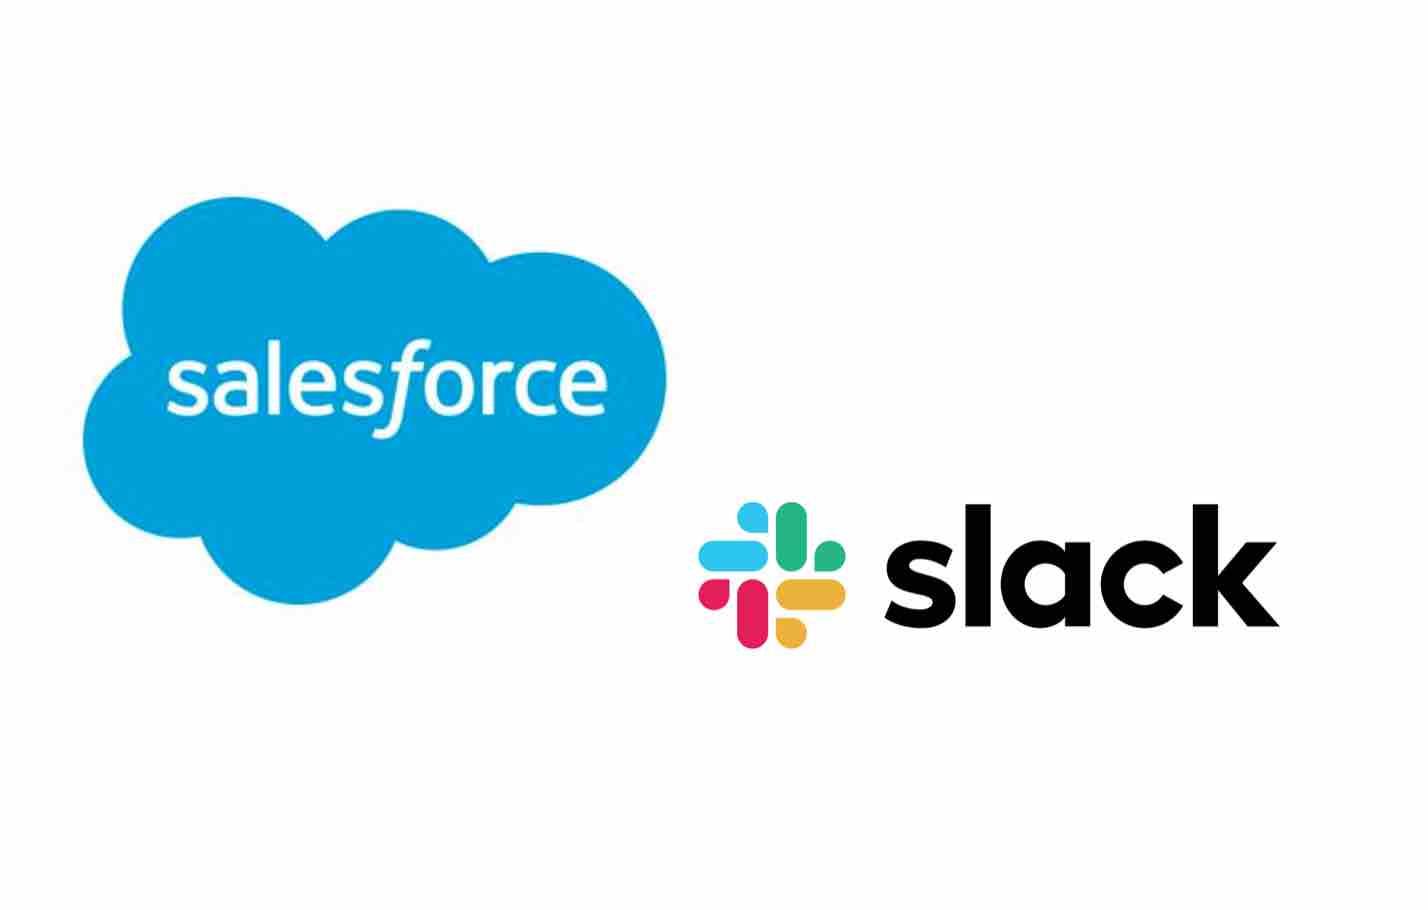 Salesforce complète son offre avec l'achat de Slack